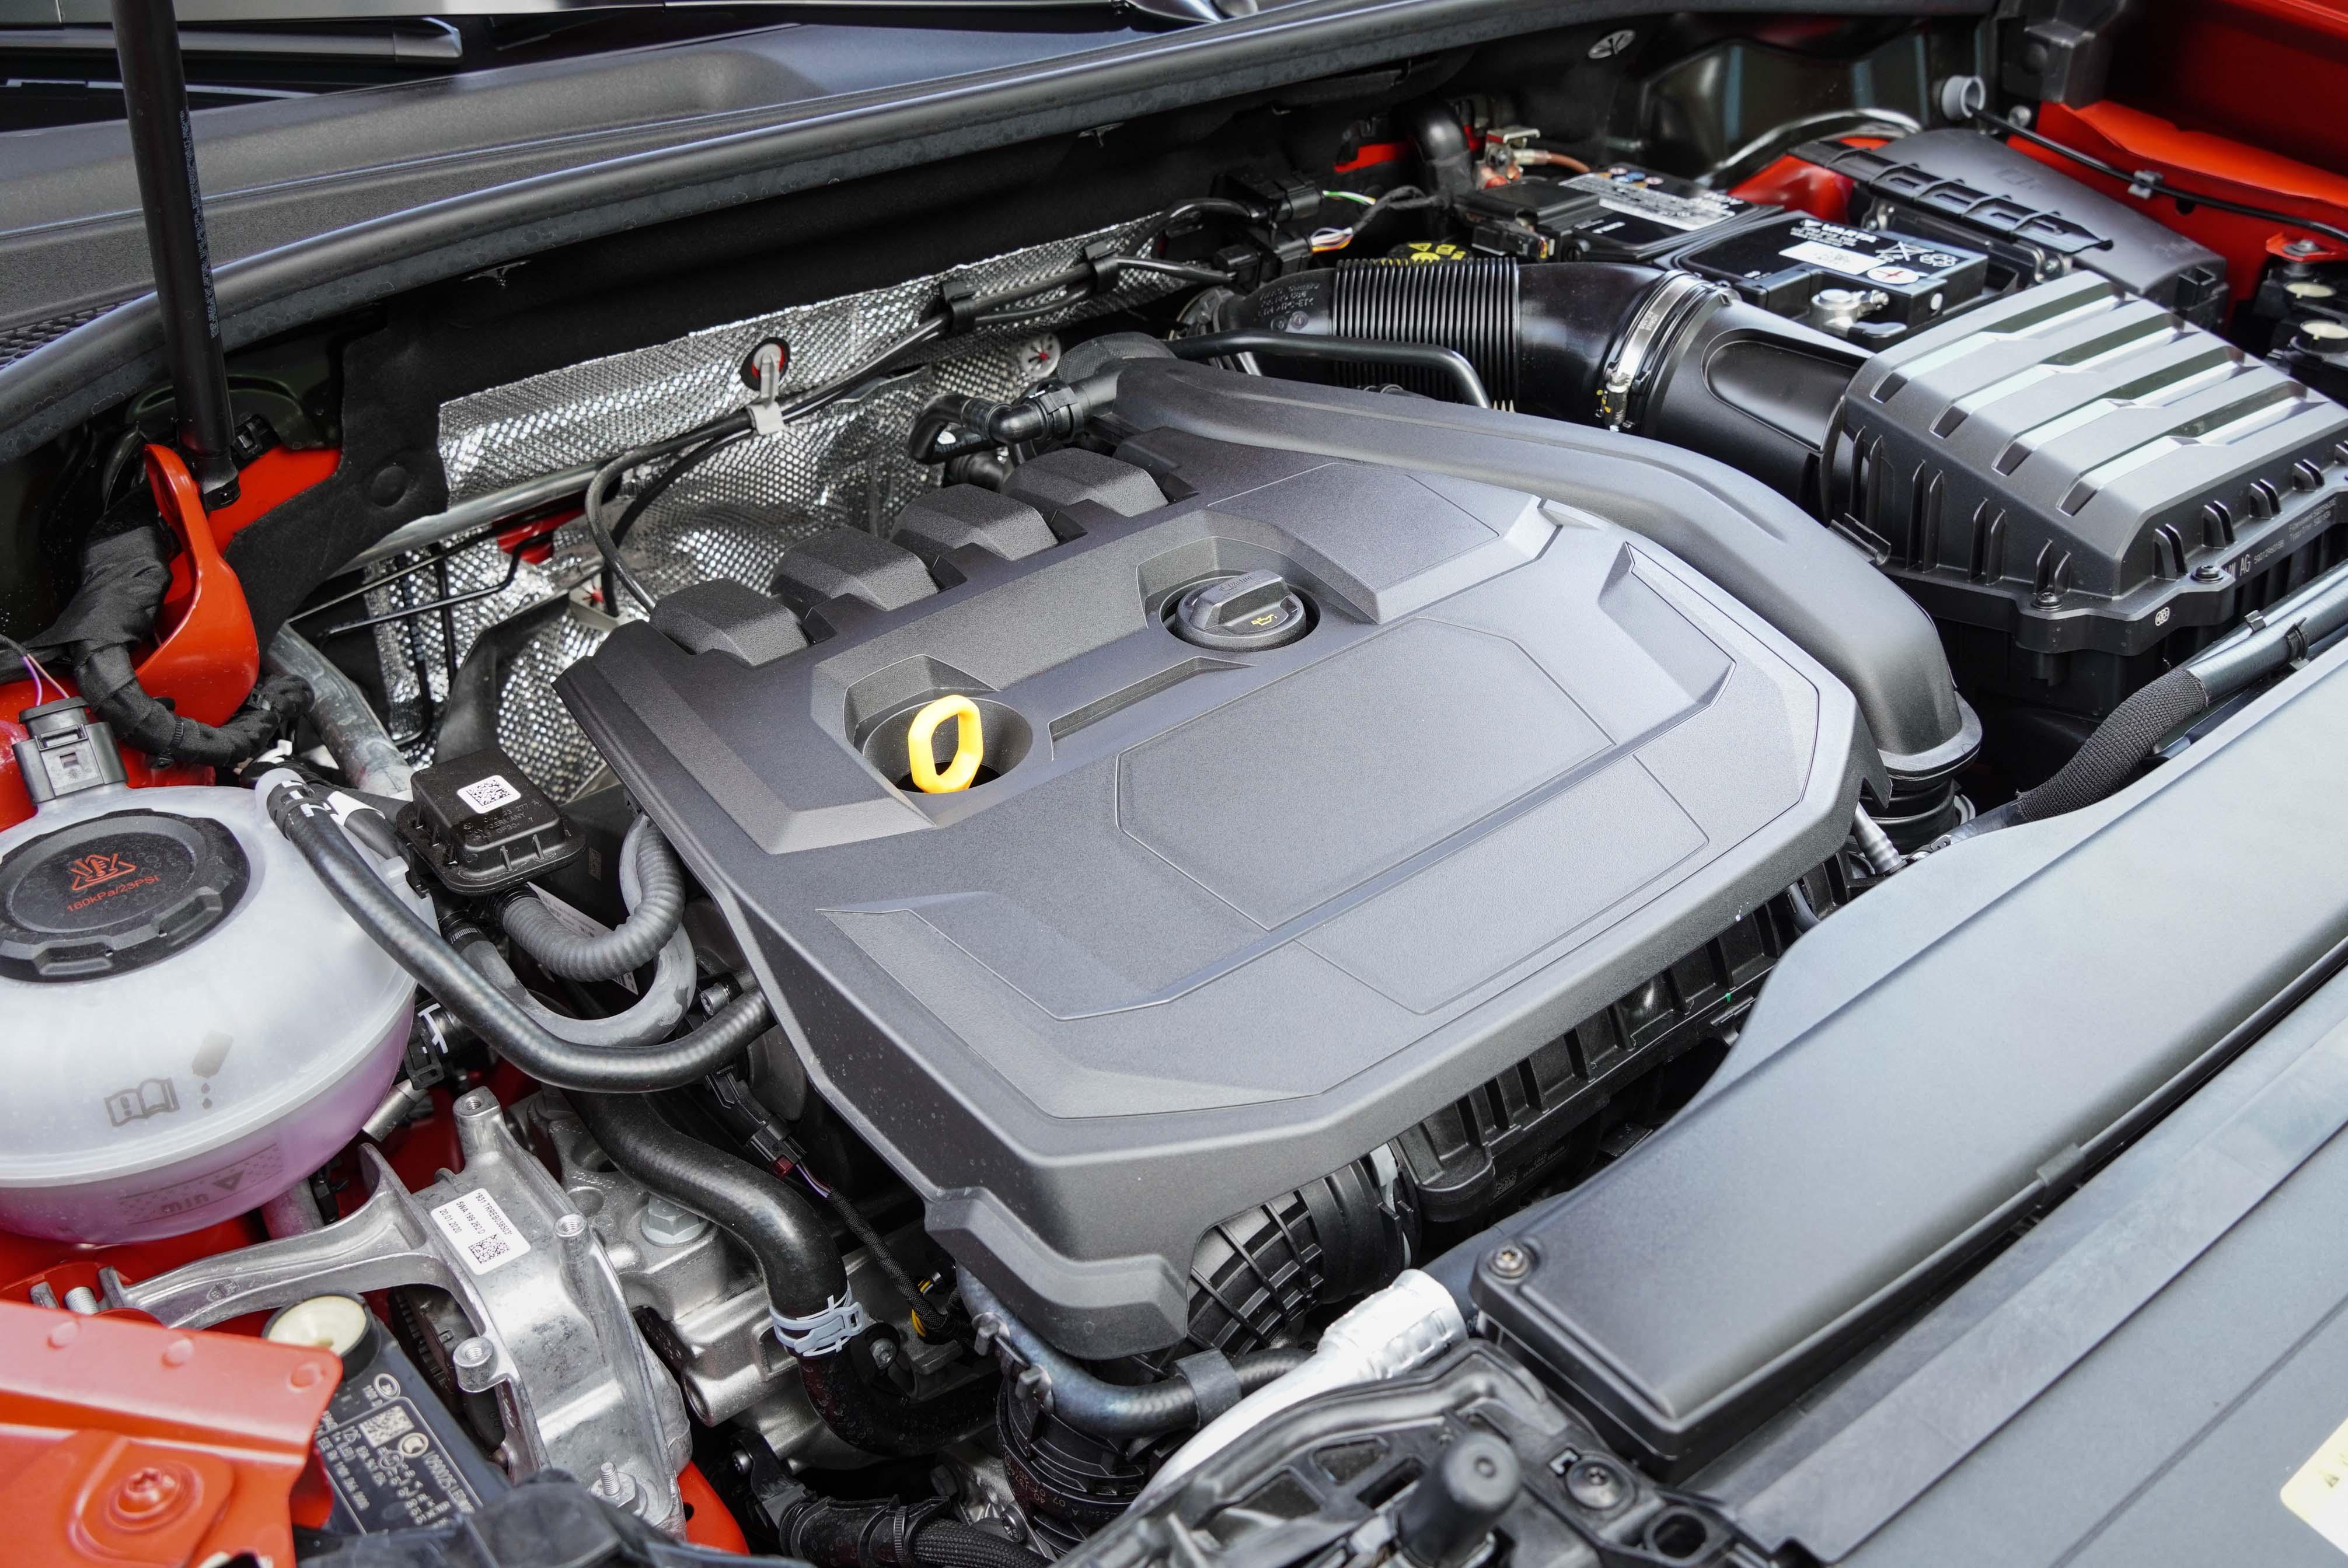 35 TFSI 採用 L4 汽油渦輪增壓引擎搭配 48V 輕型複合動力系統。